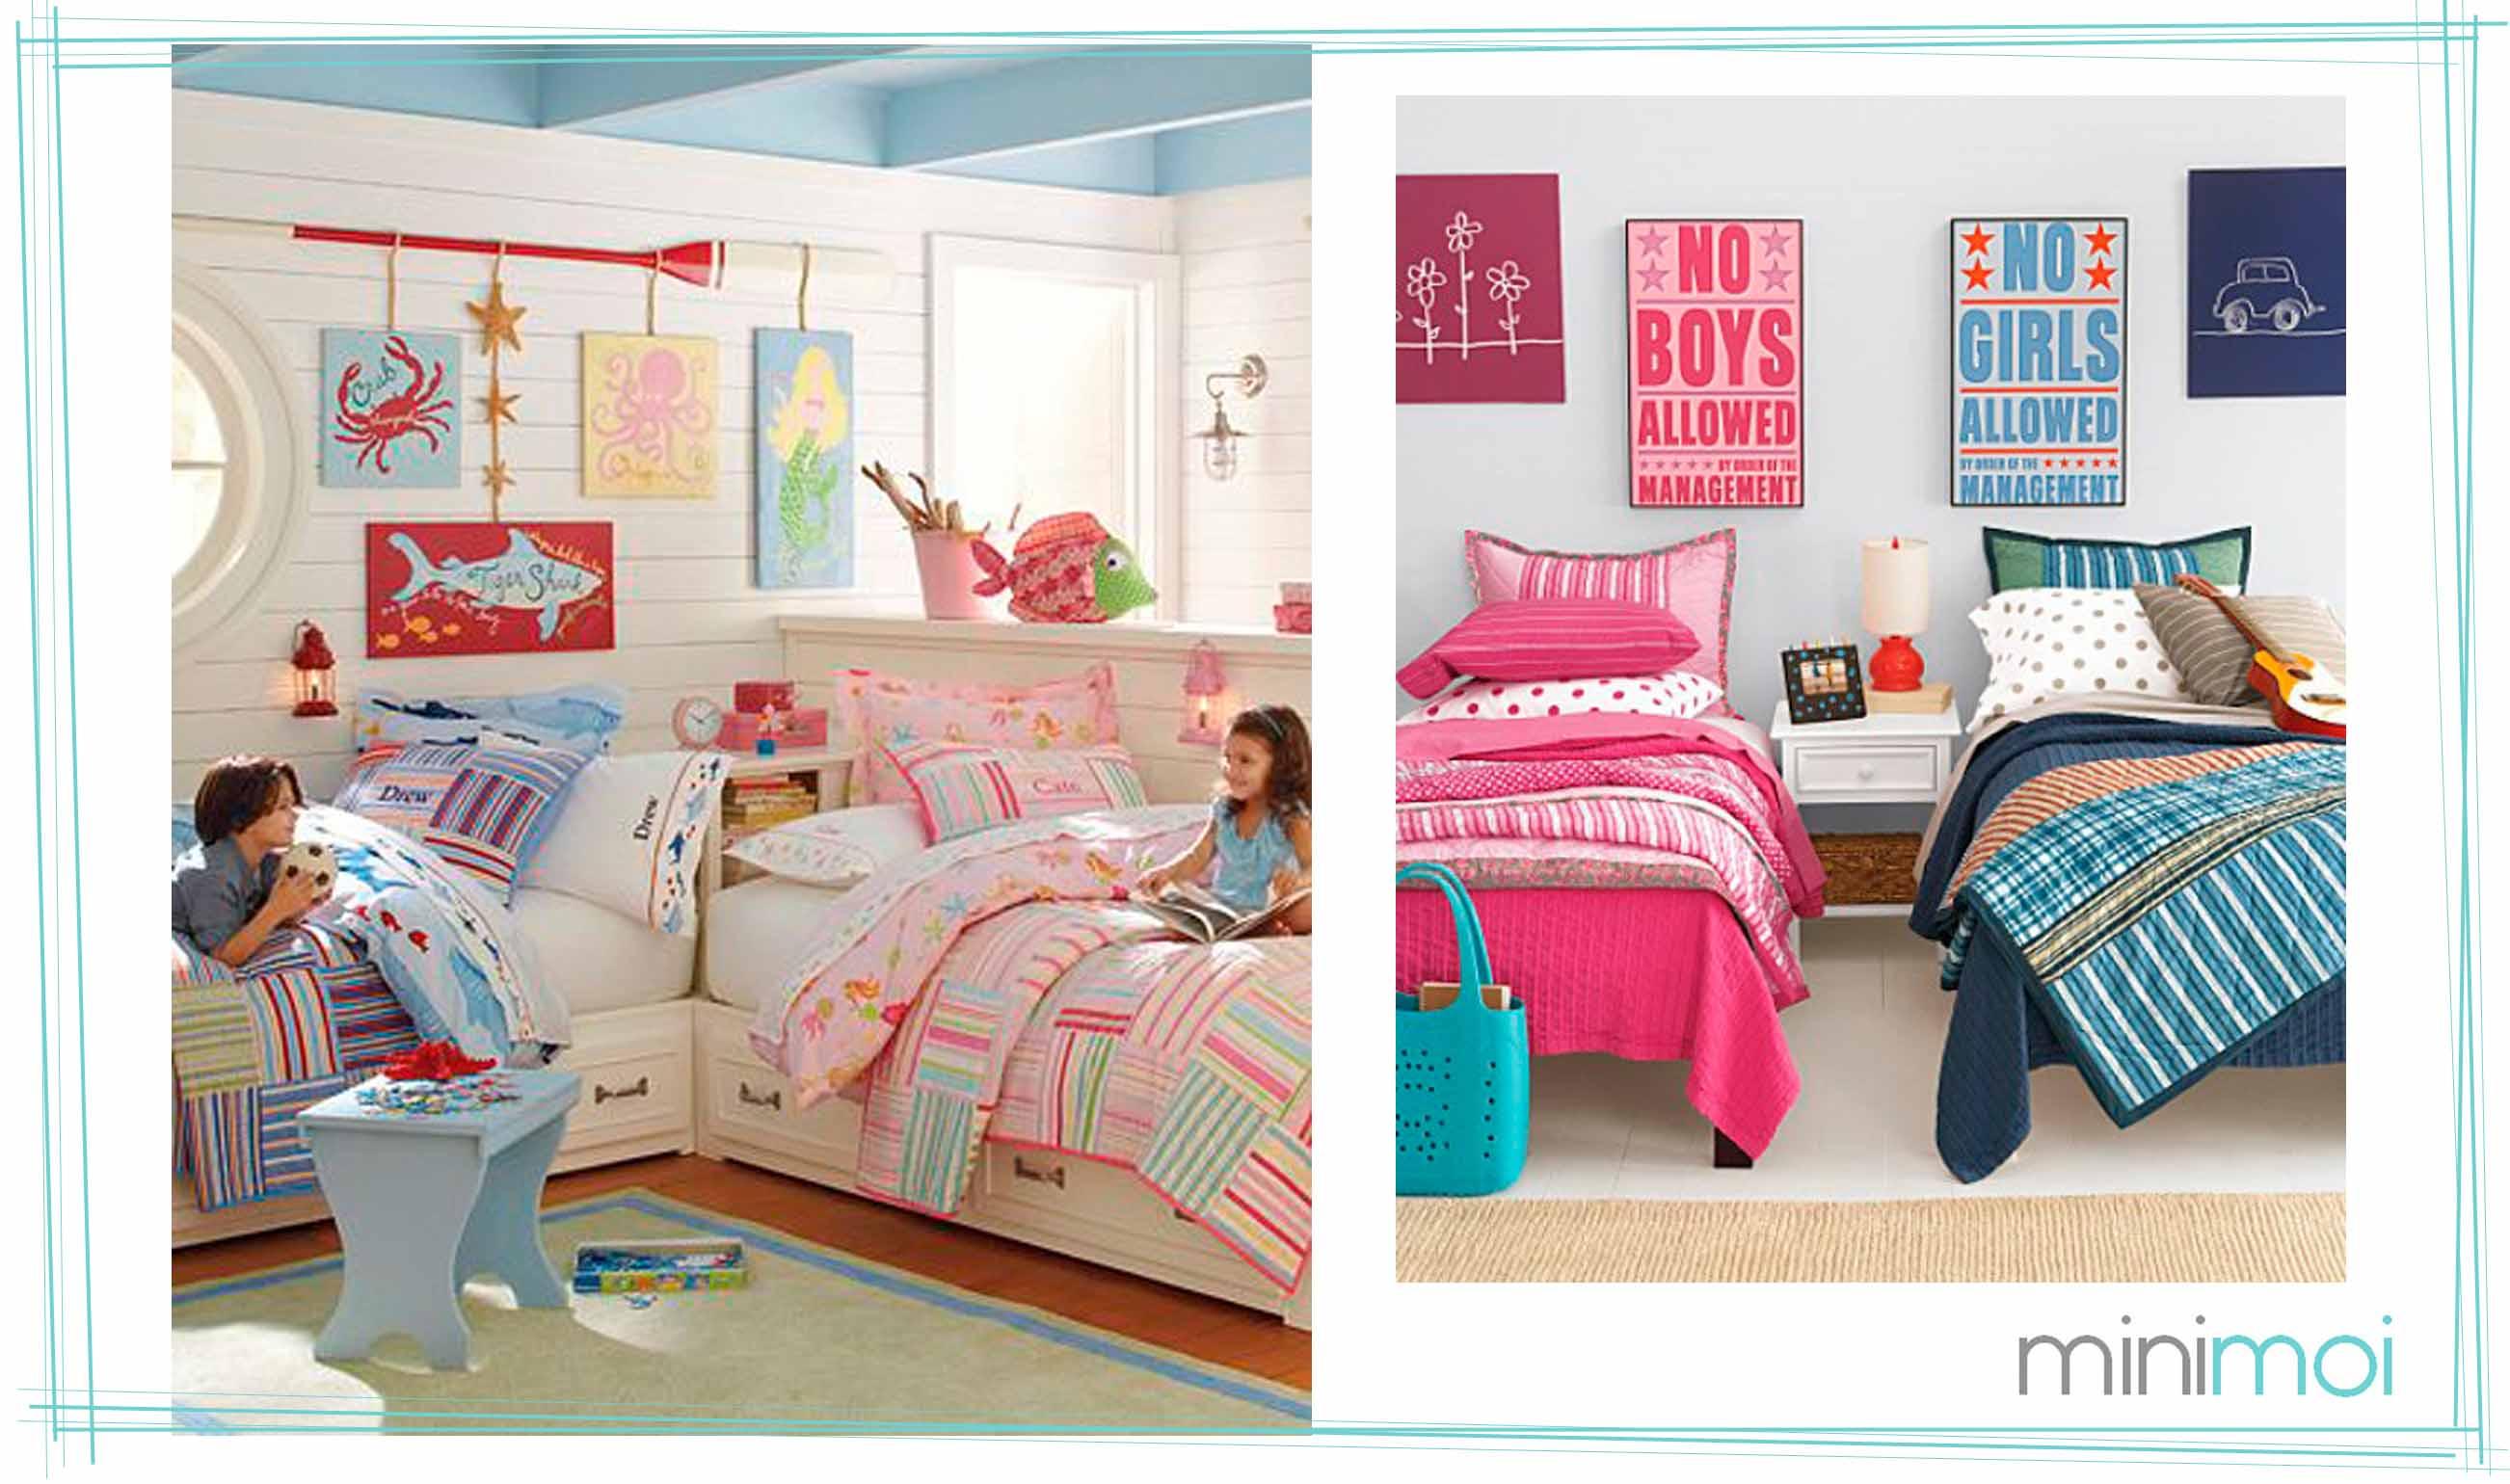 Olvas i k rd s testv rek egy szob ban dettydesign - Pintar habitacion infantil nino ...